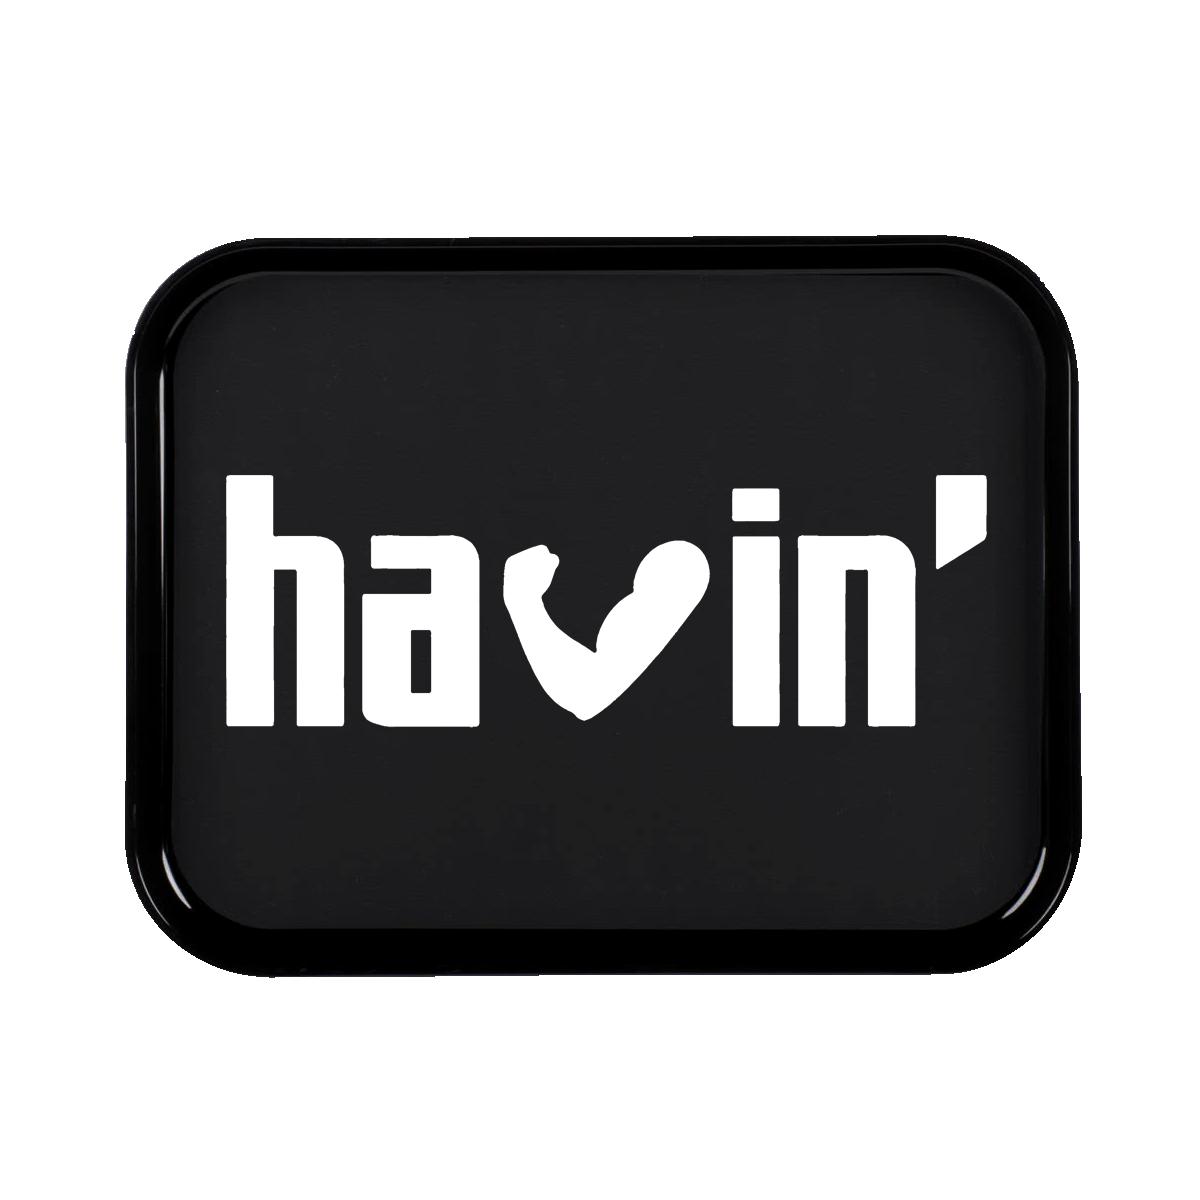 Havin' Tray